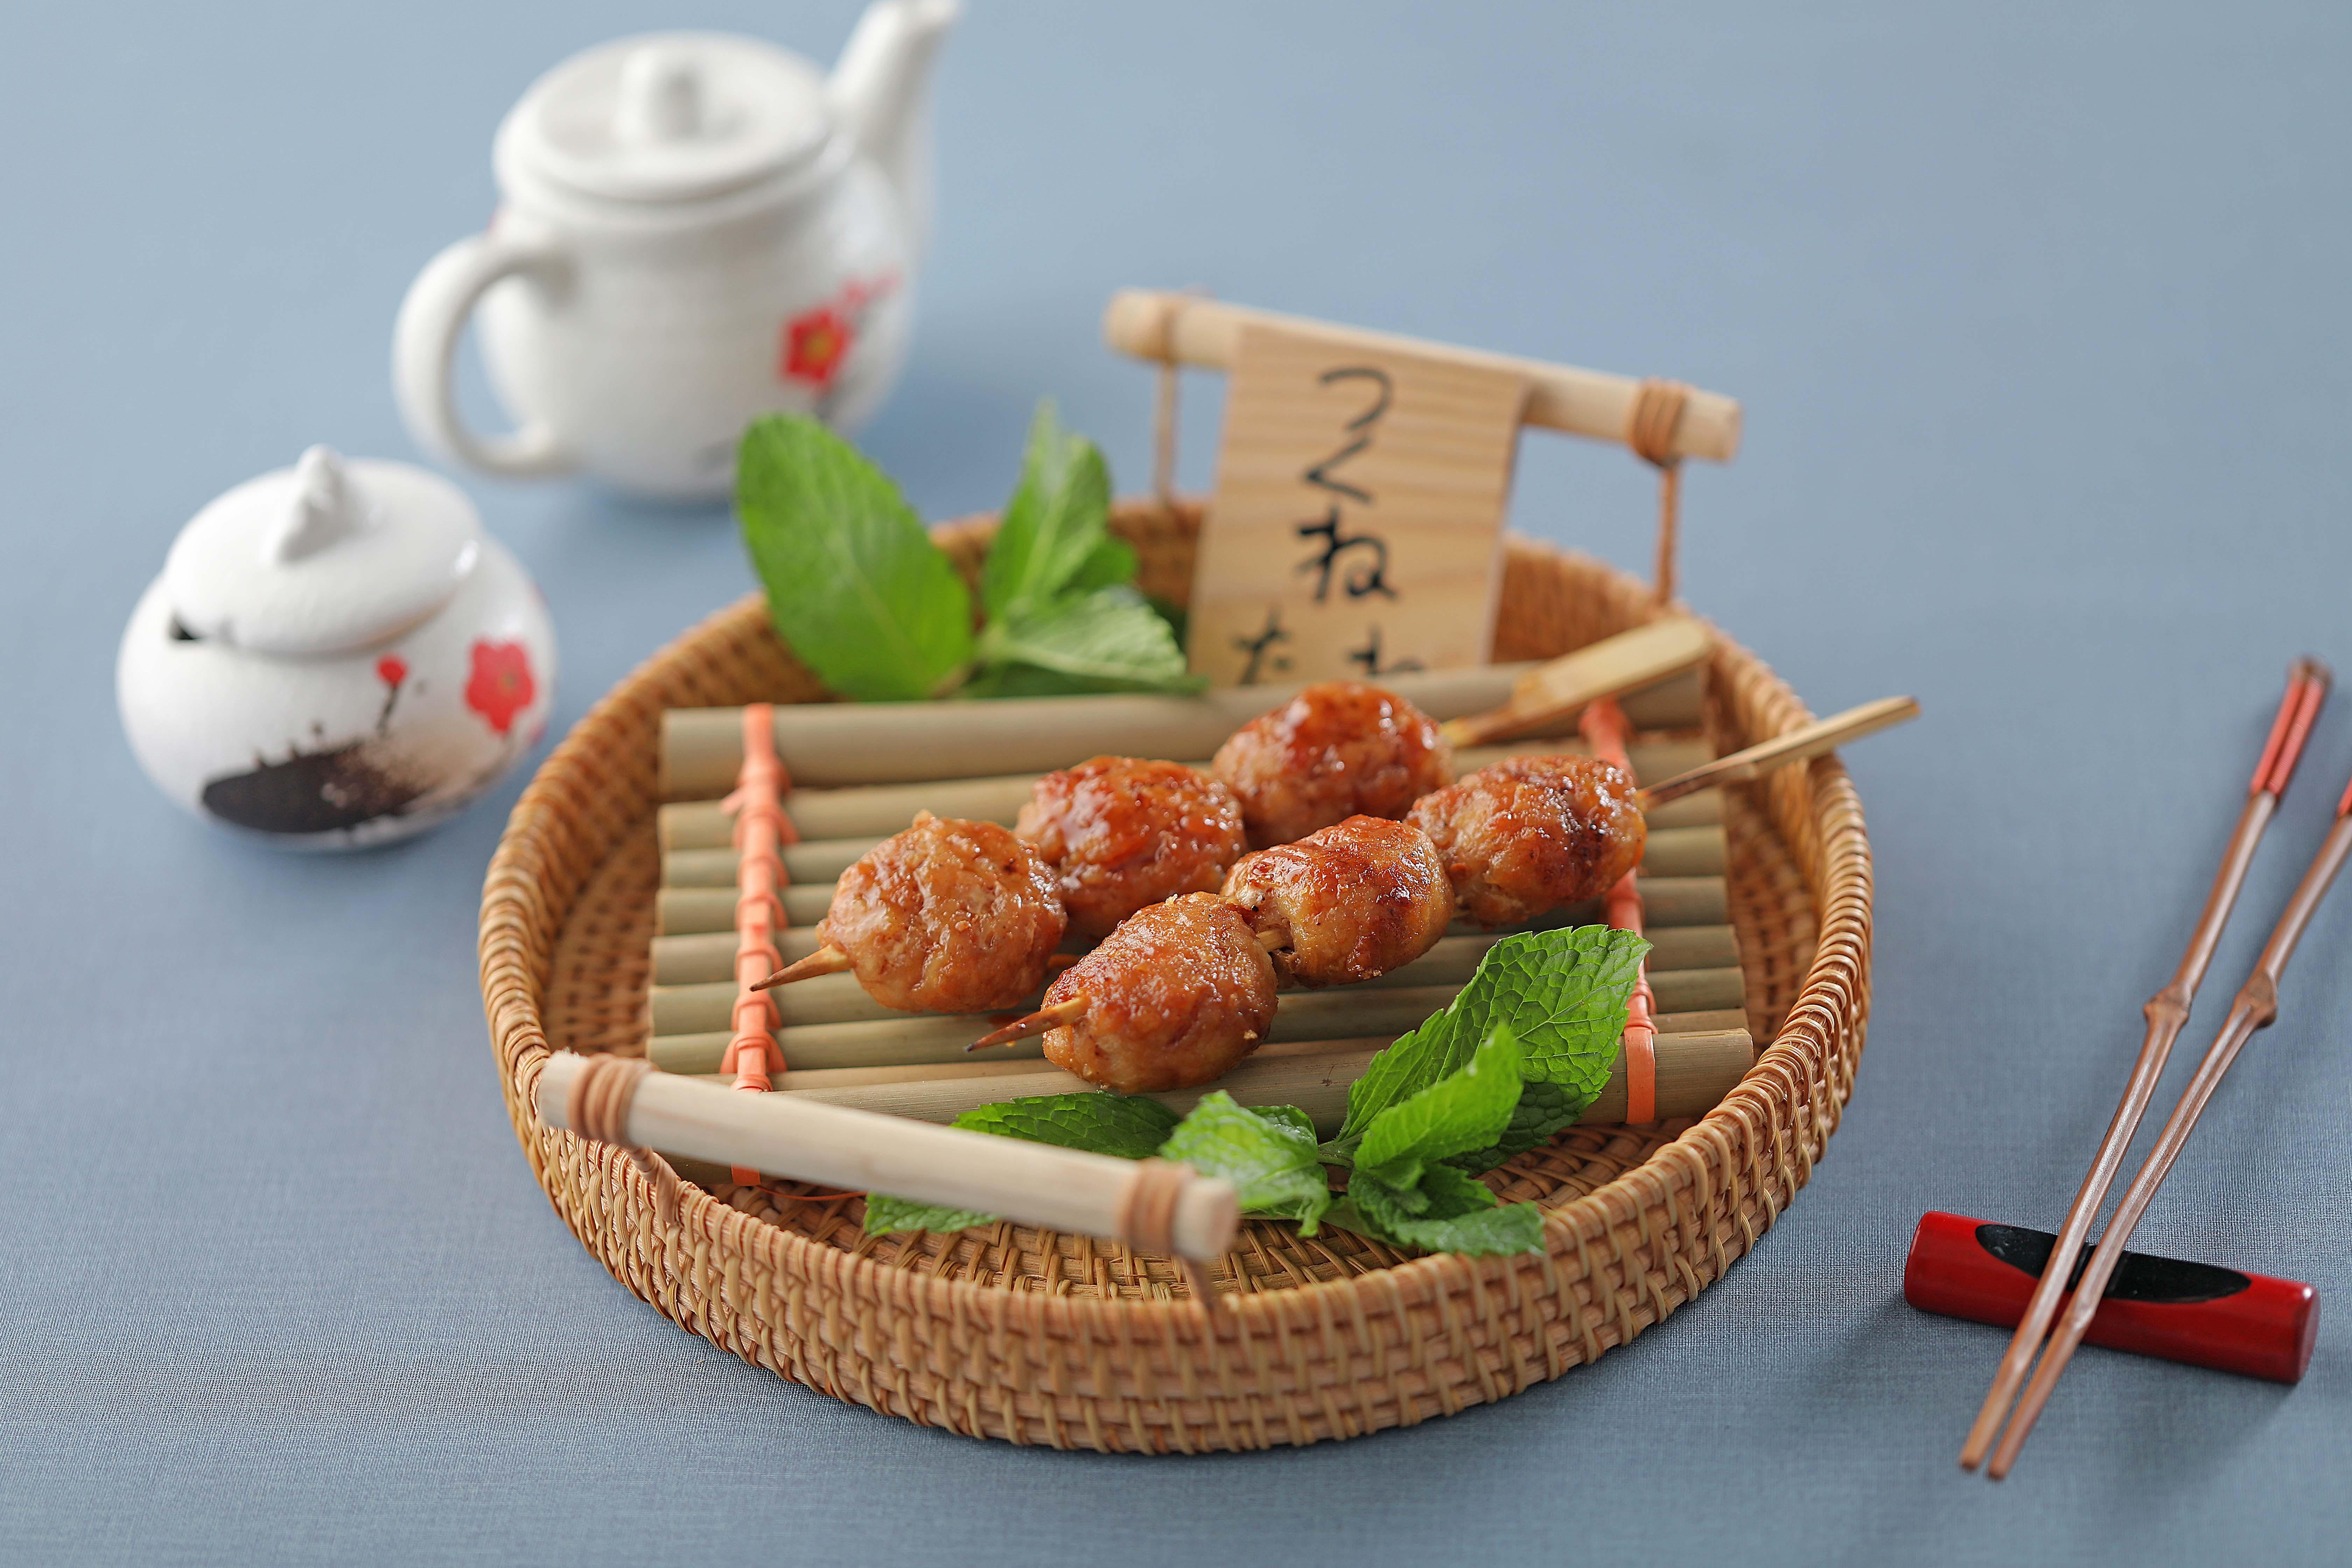 盛崎日式串烧菜品